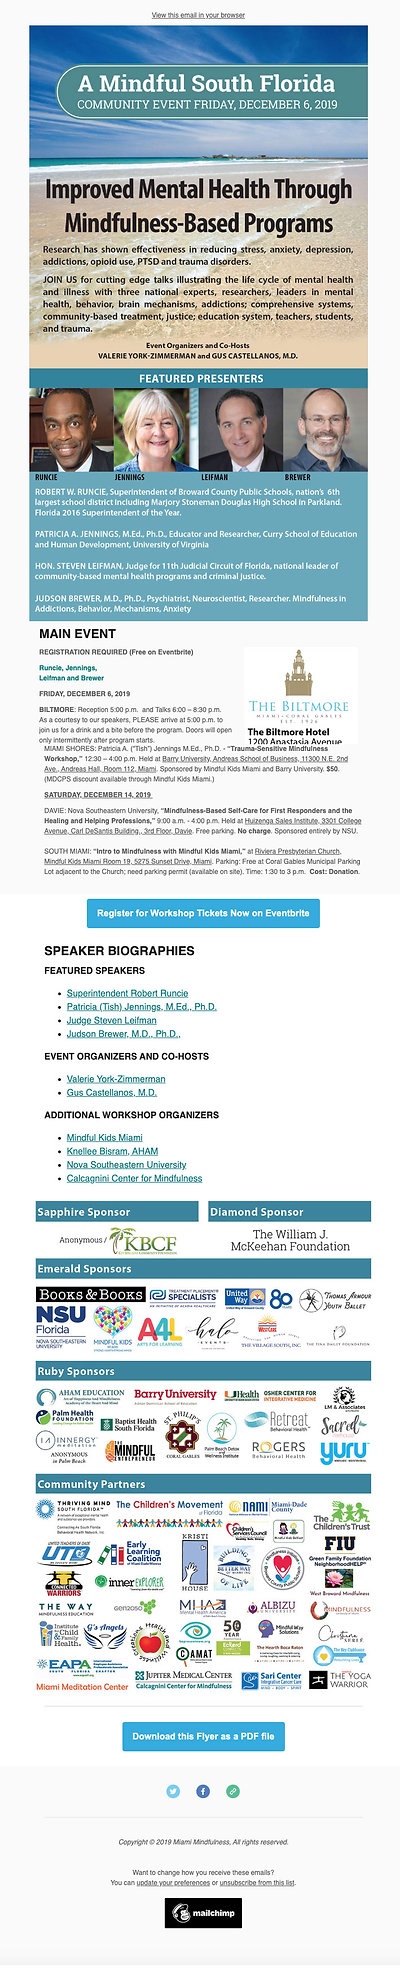 MM-newsletter-pre-event-2019.jpg